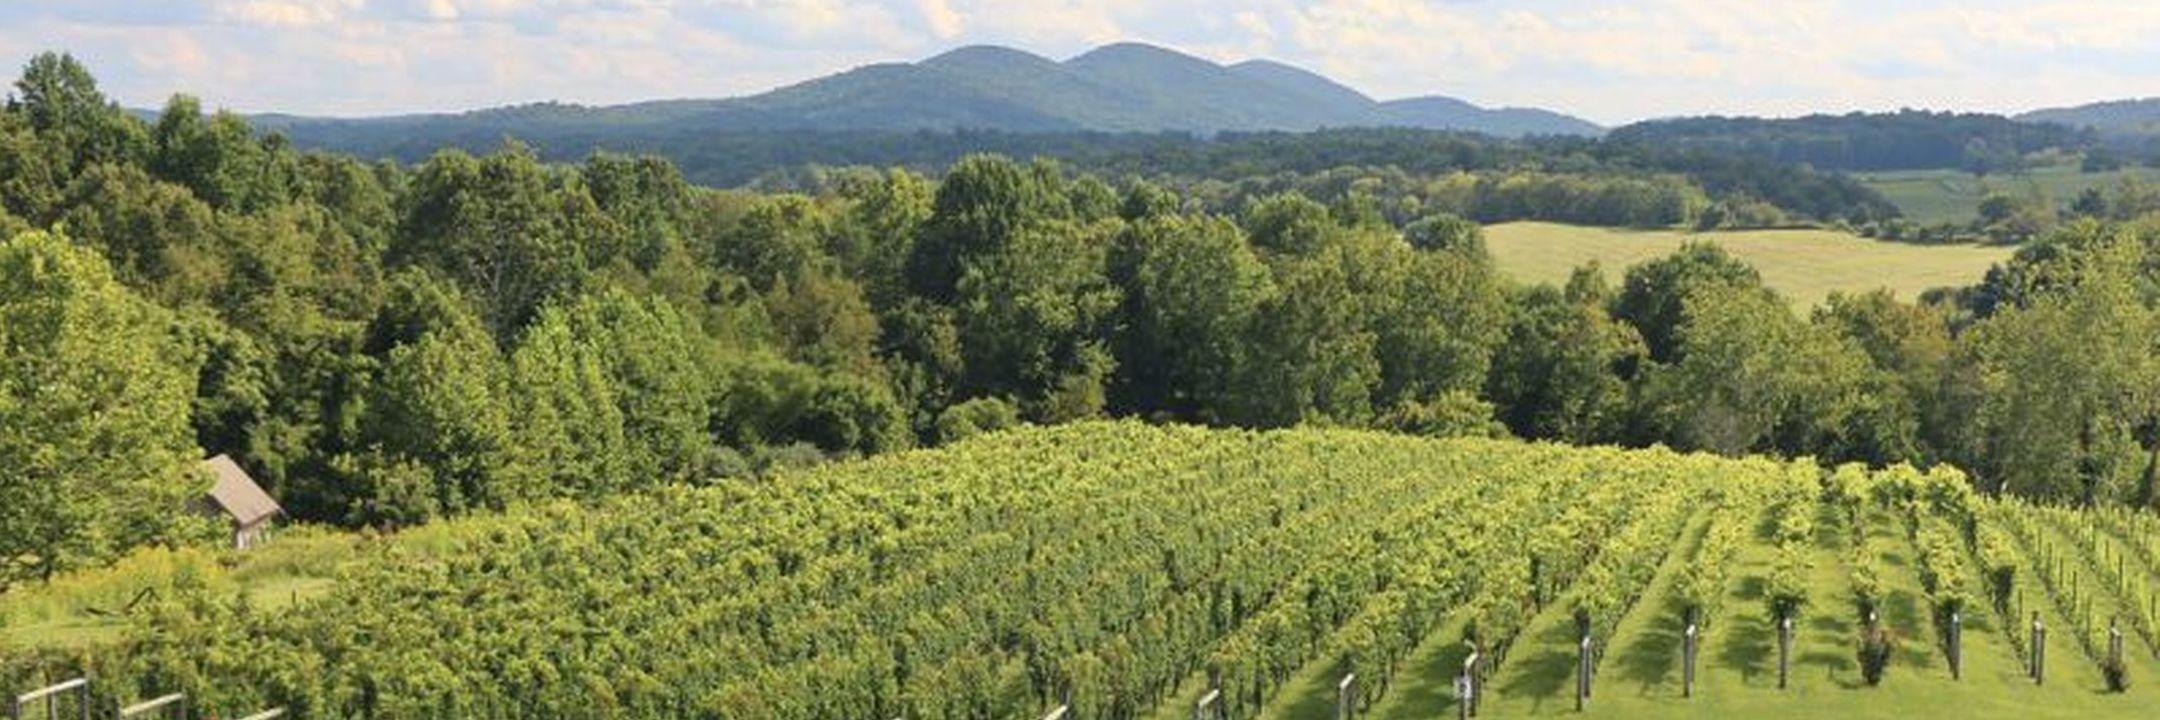 Conheça a cultura do vinho em Washington DC